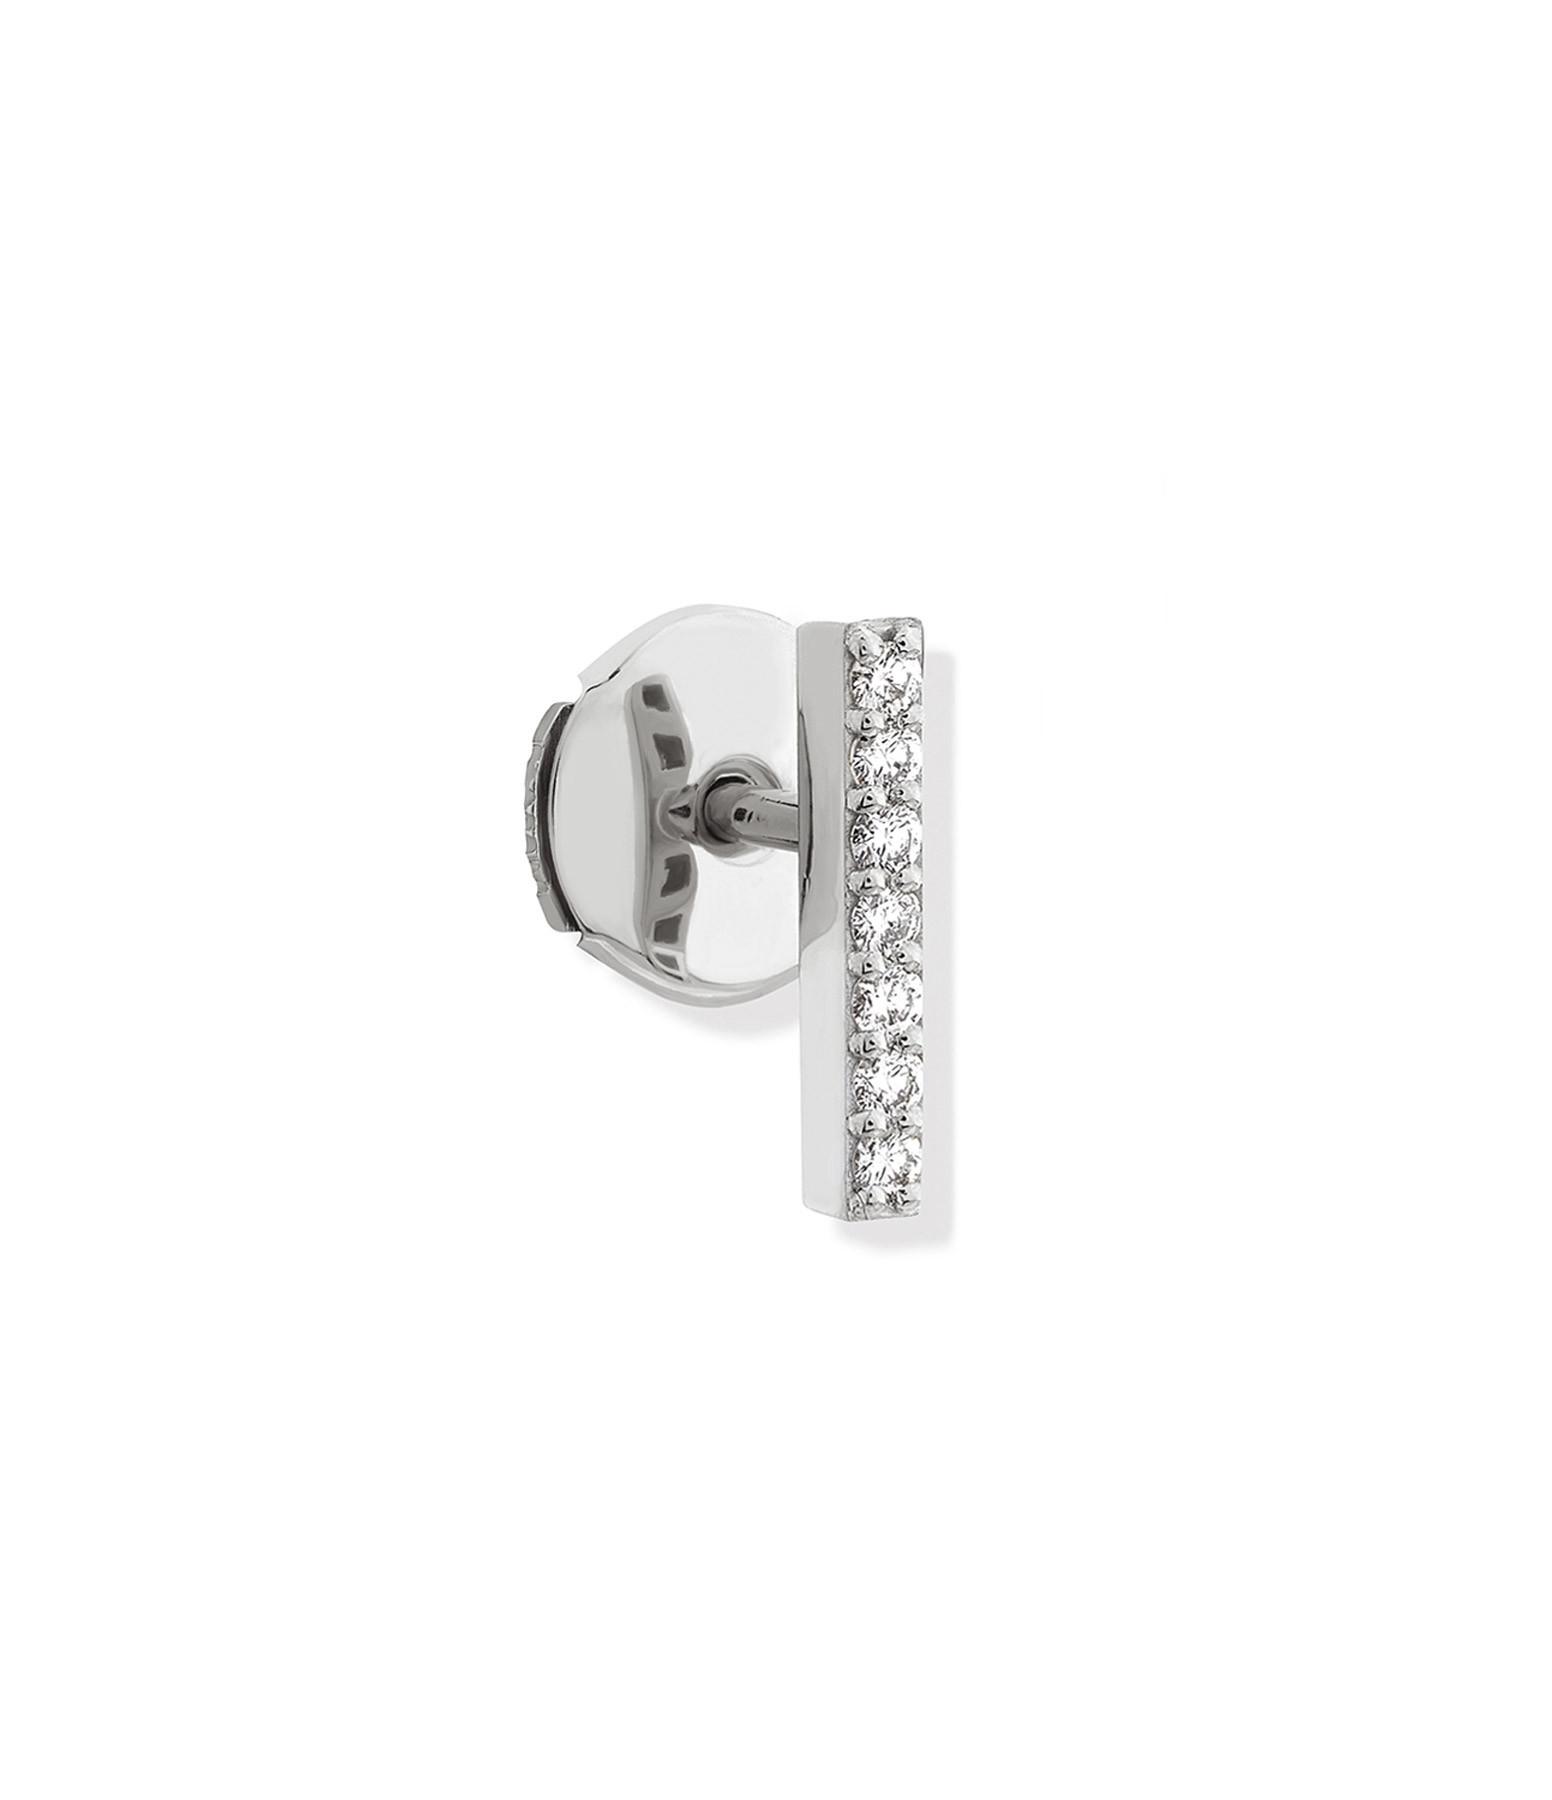 NAVA JOAILLERIE - Boucle d'oreille Barrette Hash Or Blanc (vendue à l'unité)